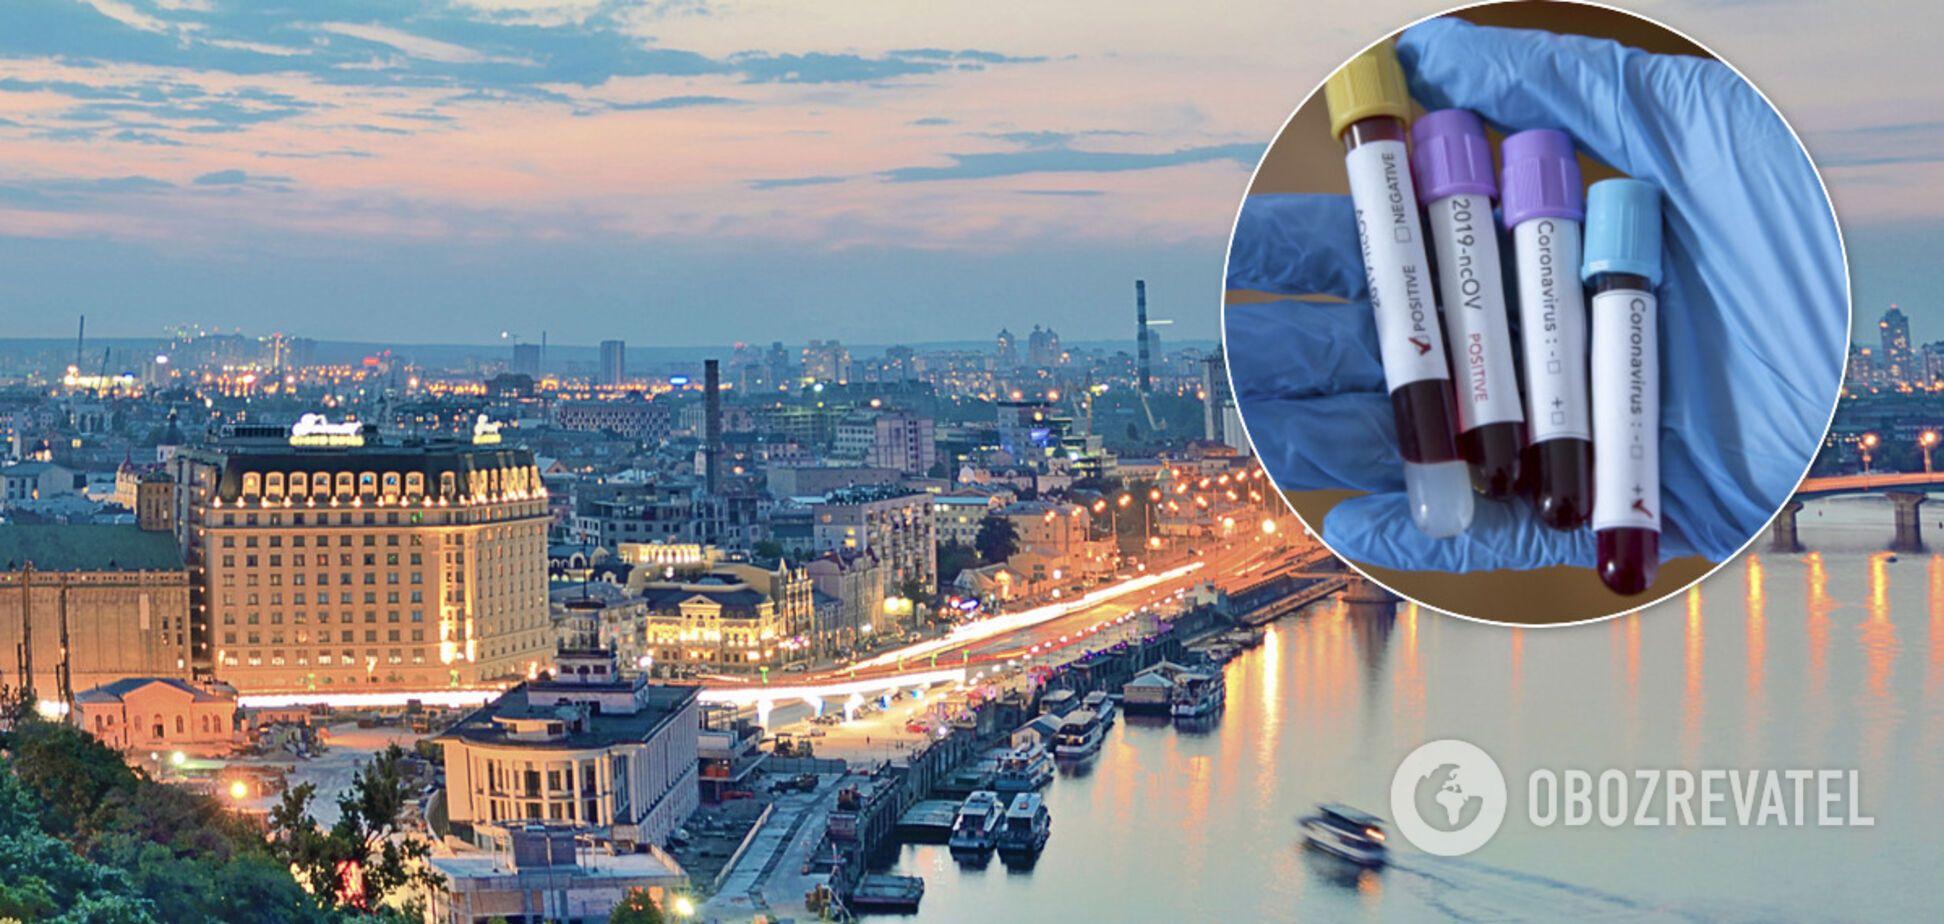 У Києві та області підтвердили понад 4 тисячі випадків COVID-19. Ілюстрація